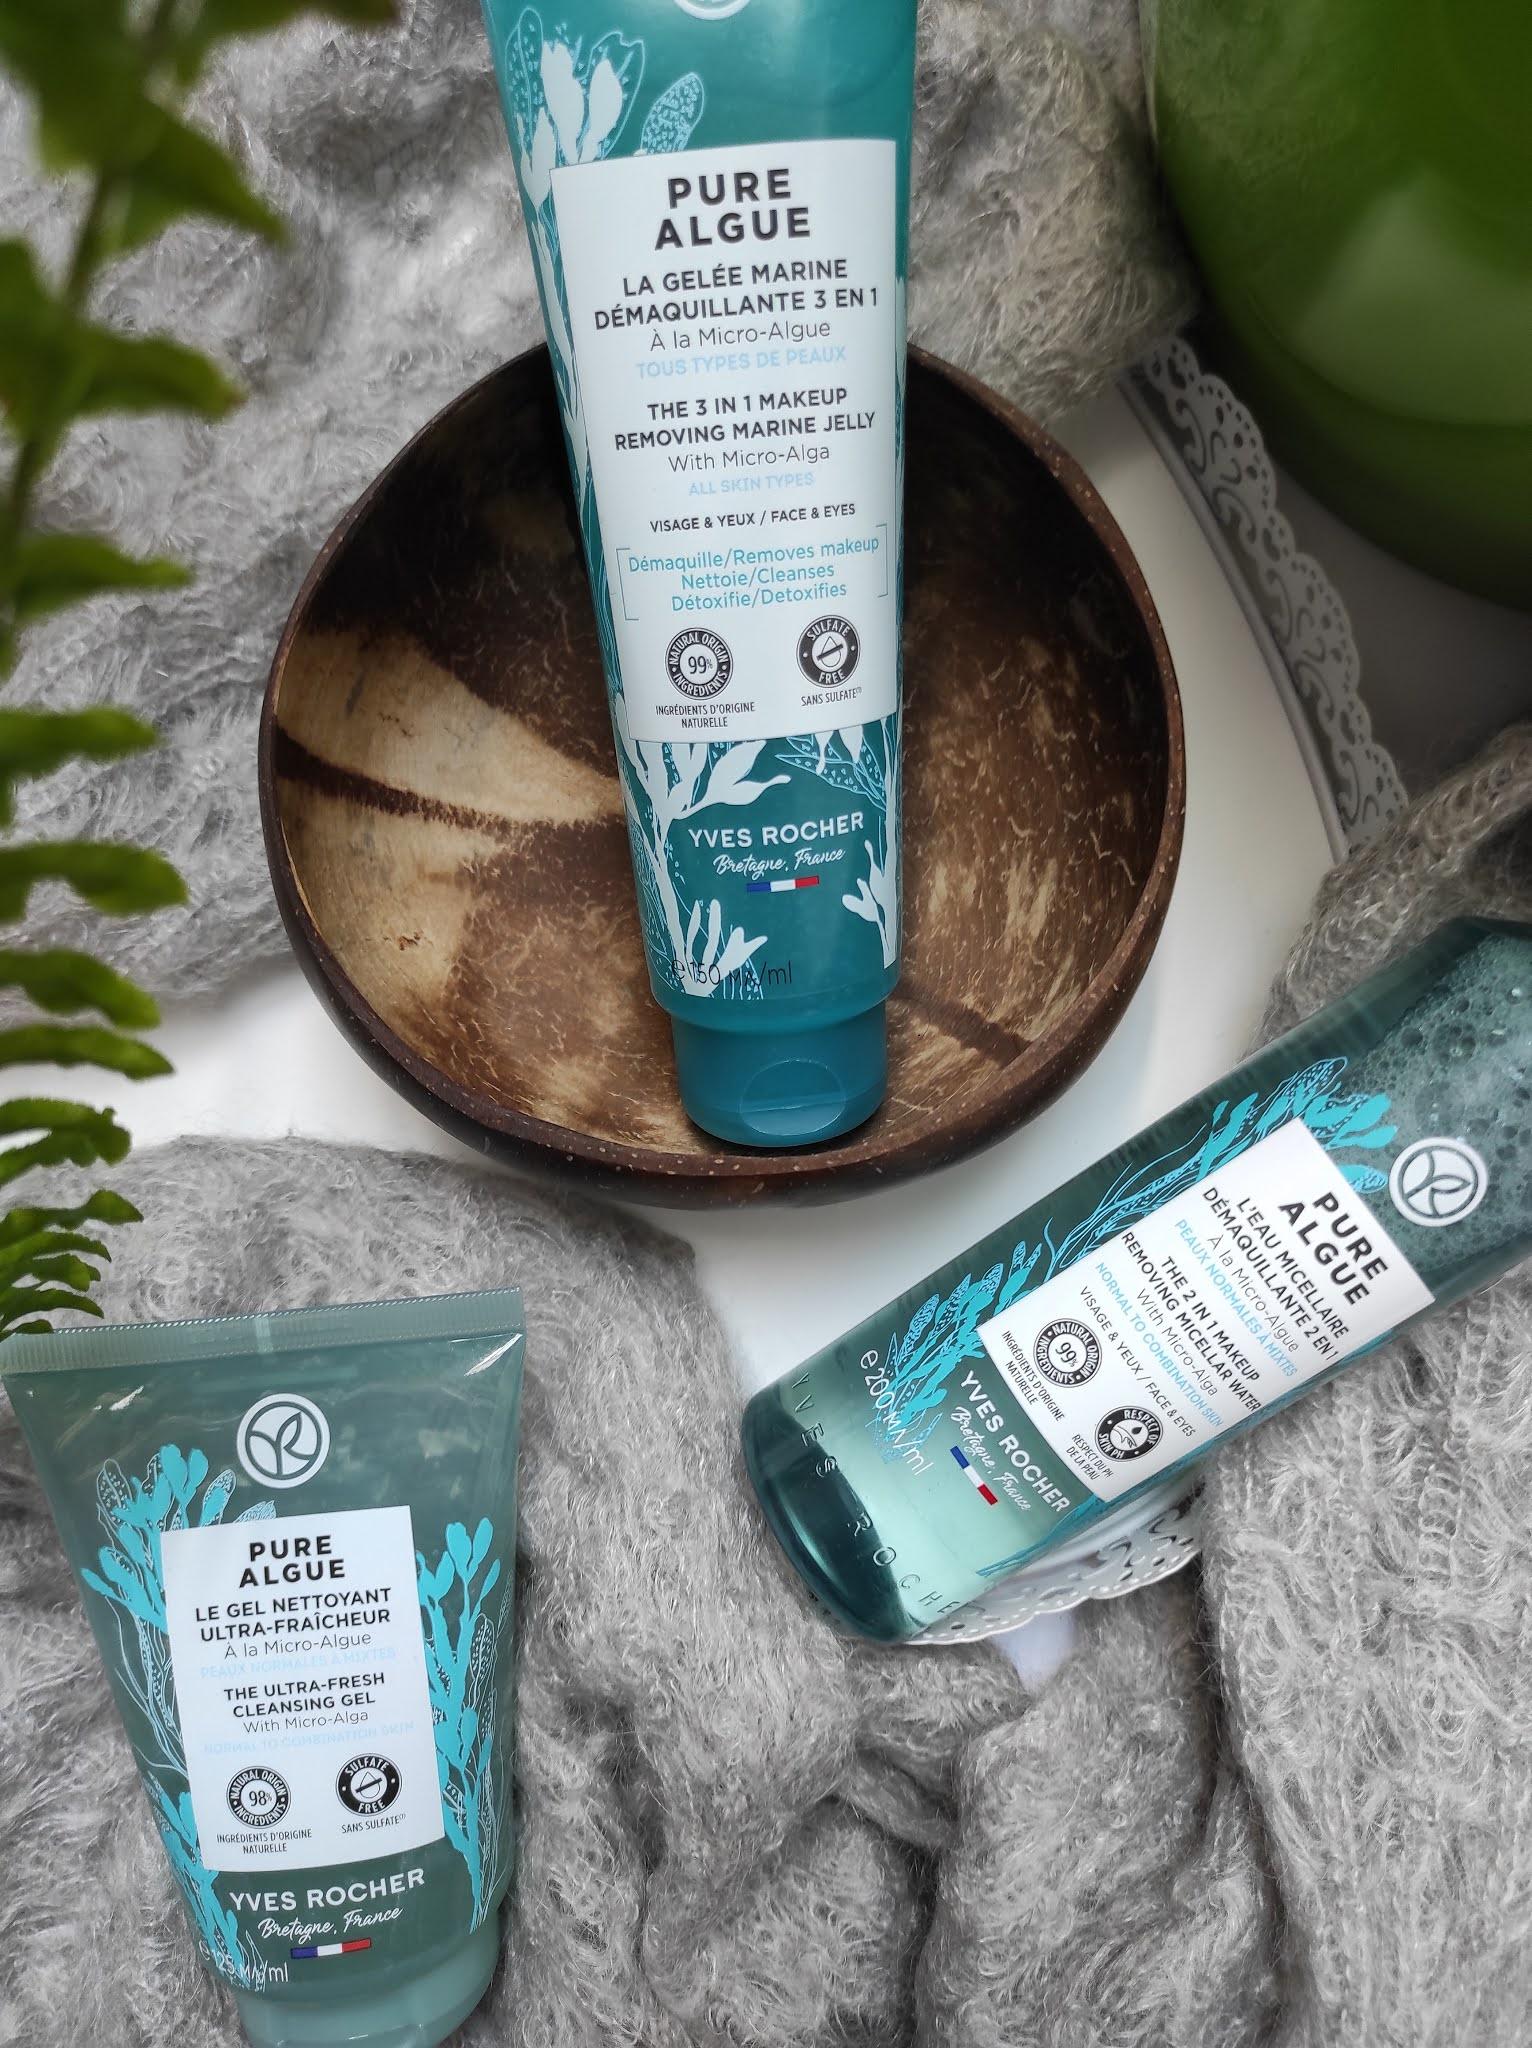 Pure Algue - kosmetyki do demakijażu i oczyszczania twarzy  Yves Rocher